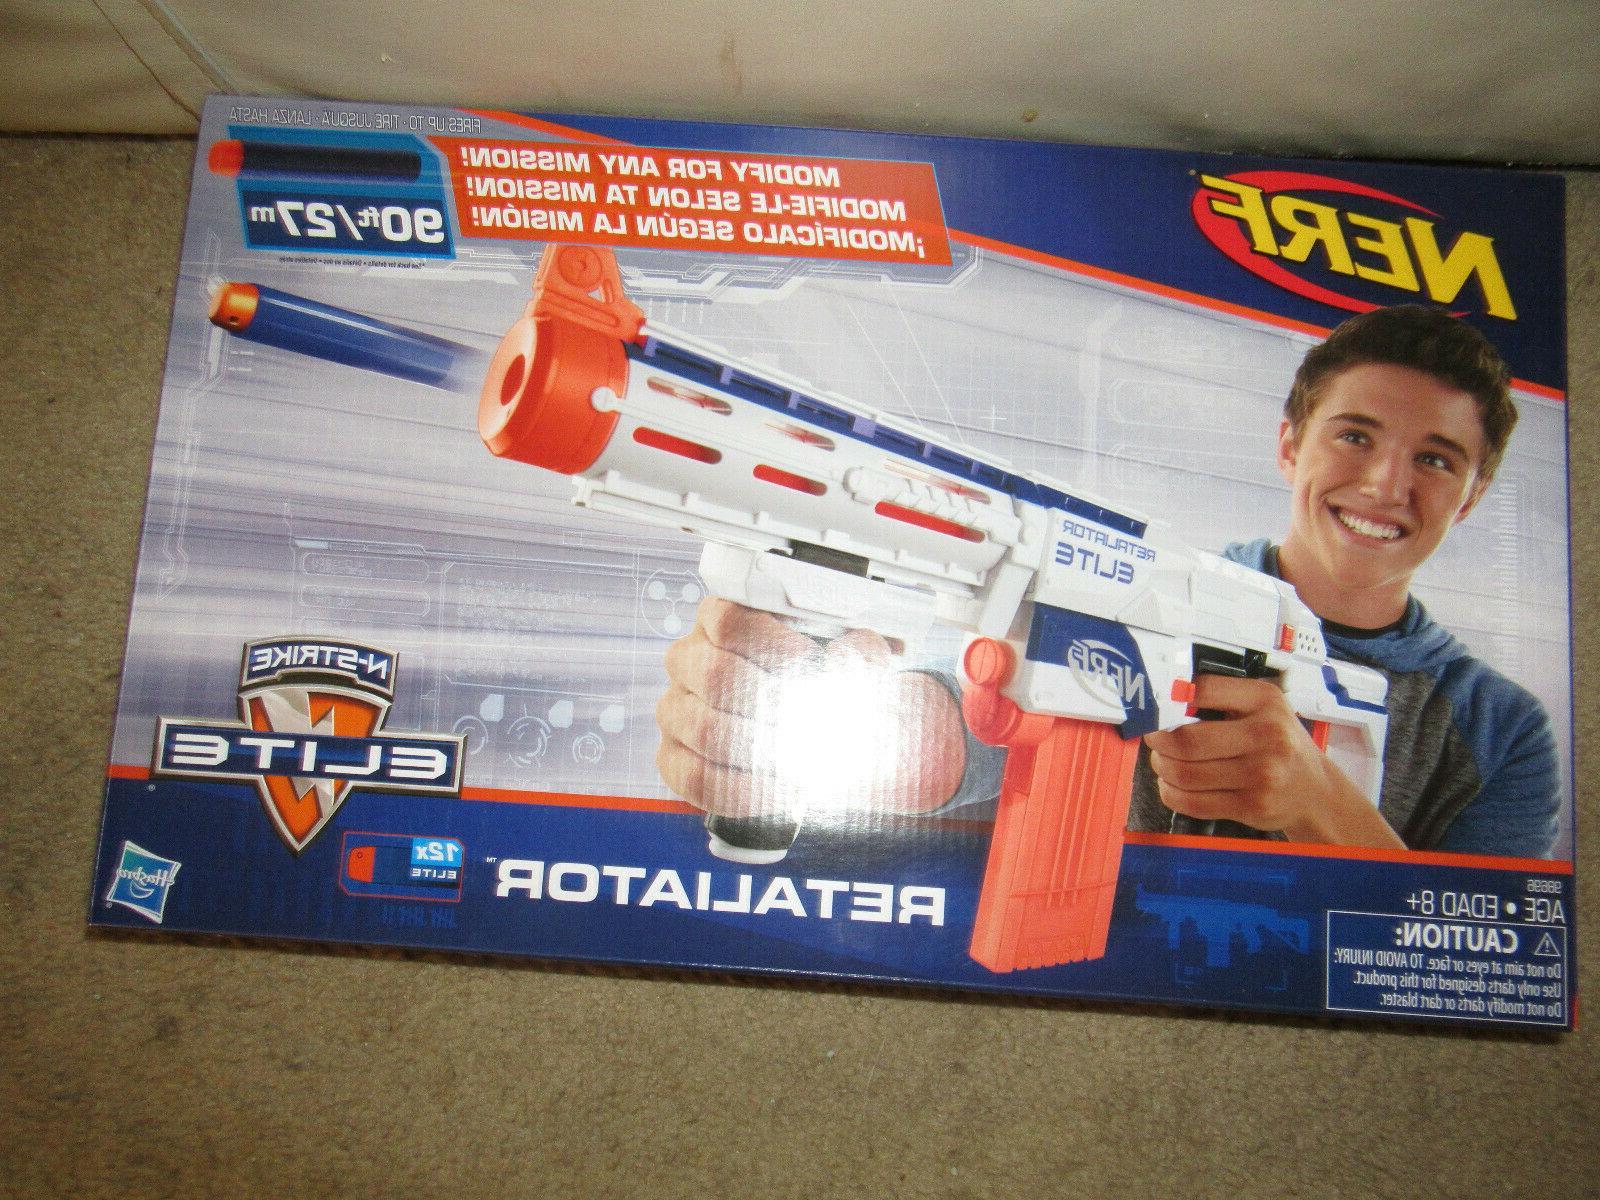 n strike elite retaliator blaster